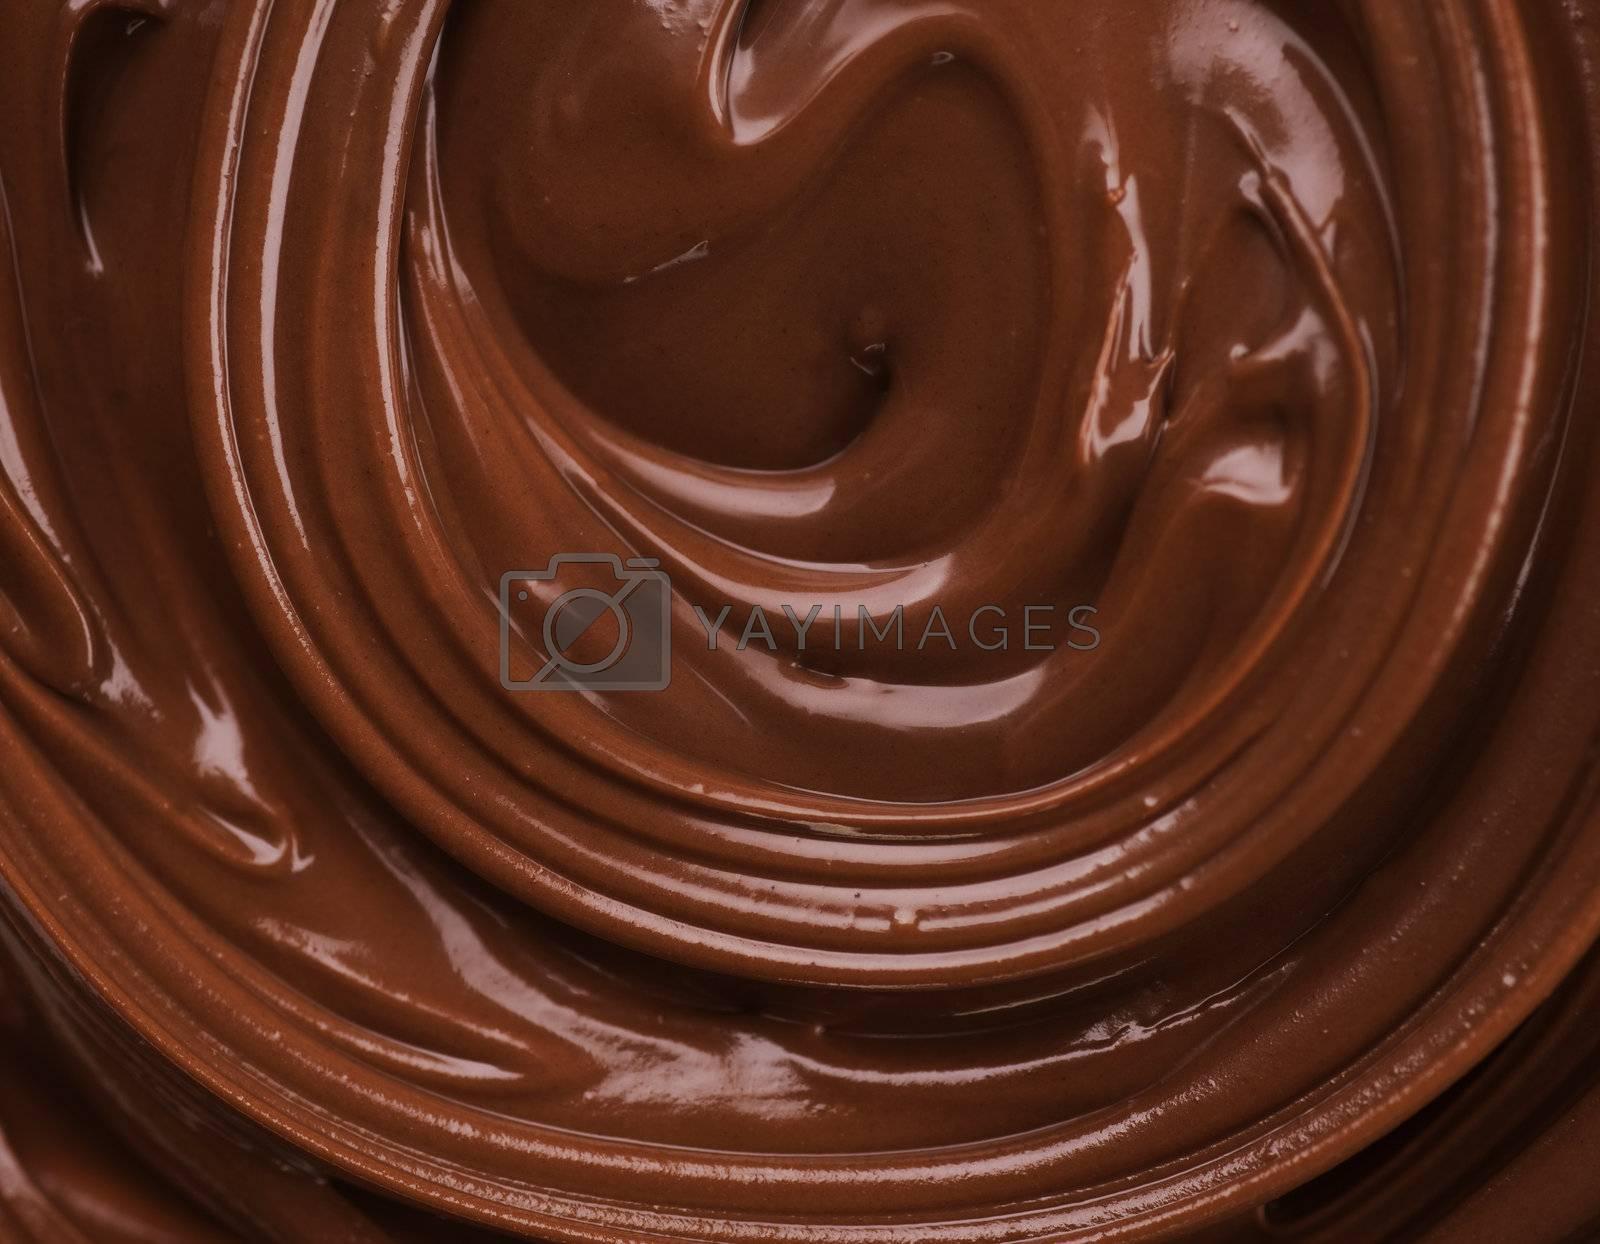 Chocolate  by Subbotina Anna